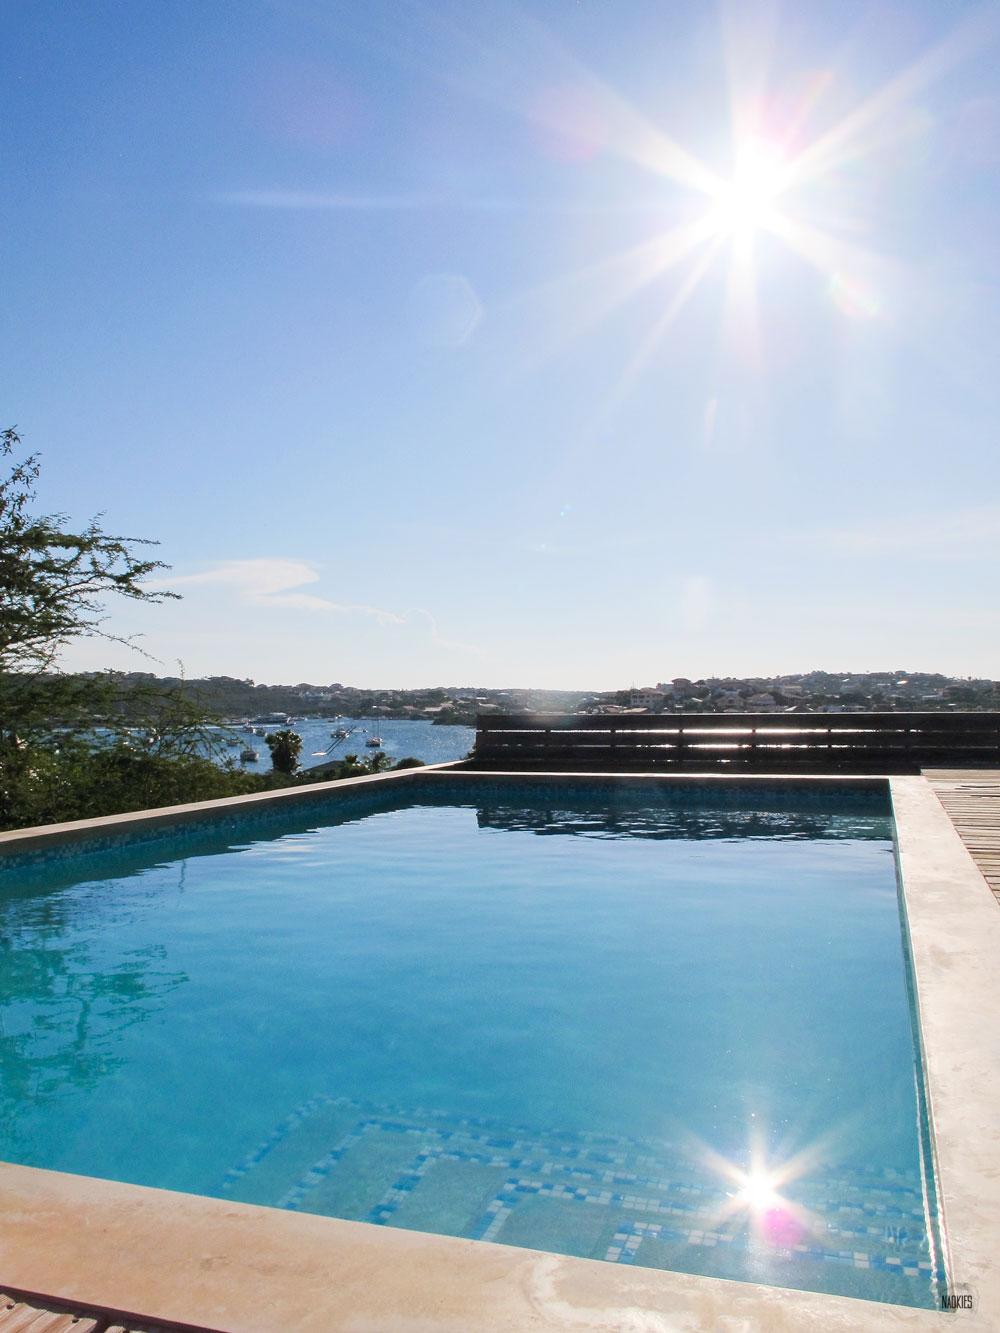 zwembad in Brakkeput Ariba uitzicht Spaanse Water